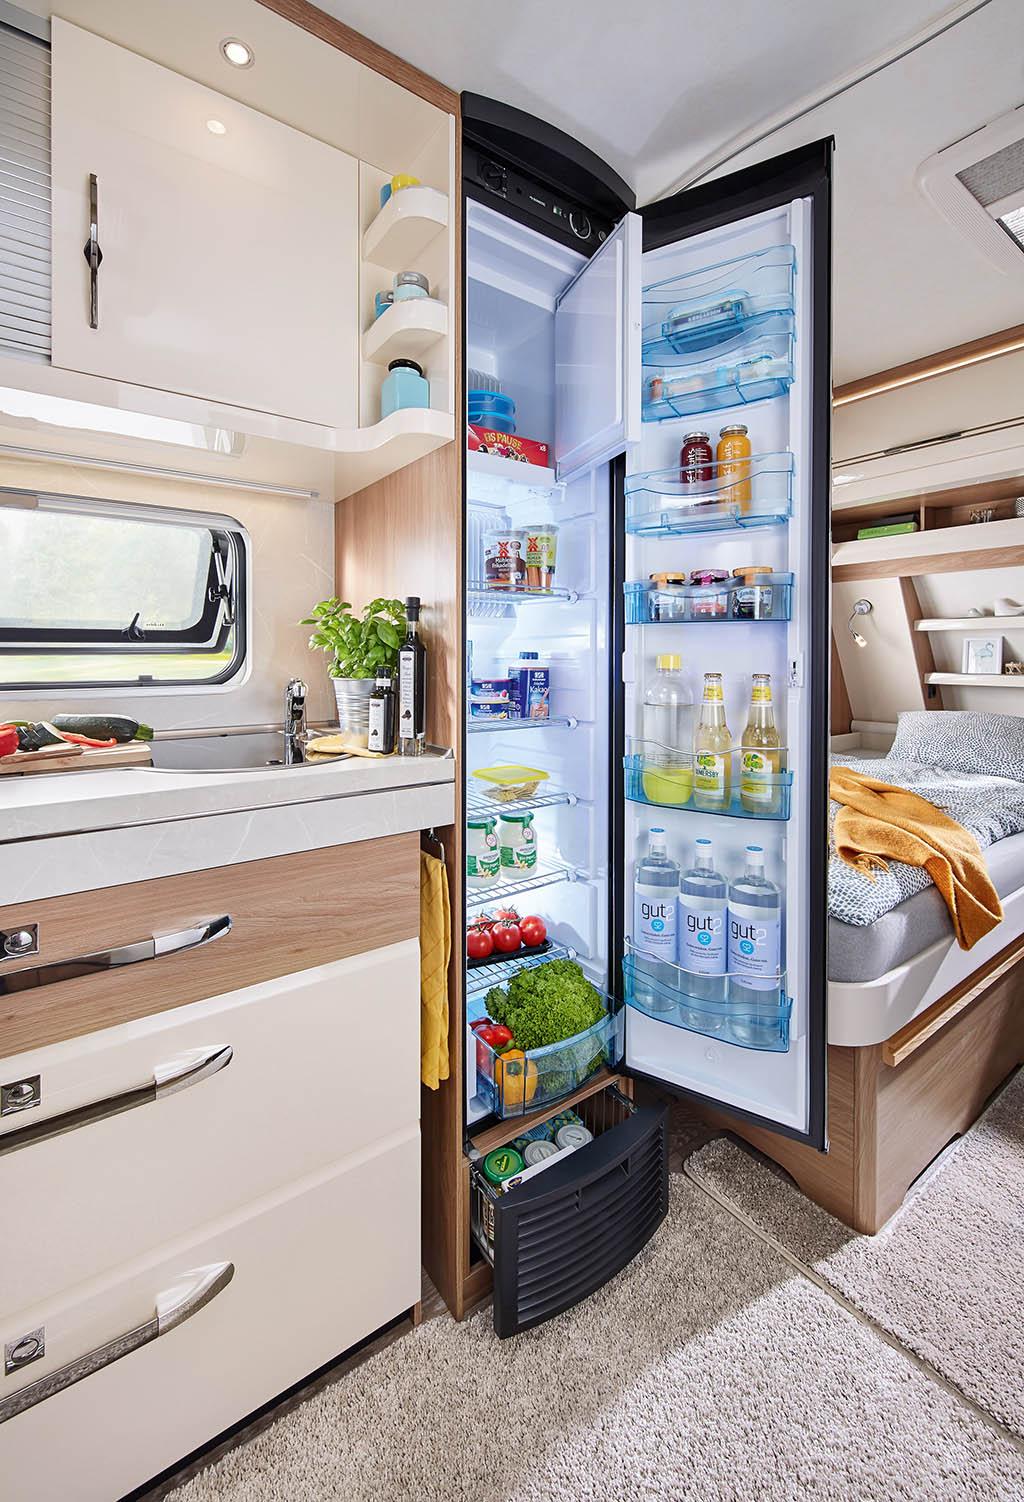 6-Excellent-620-CL-Dettaglio-della-cucina